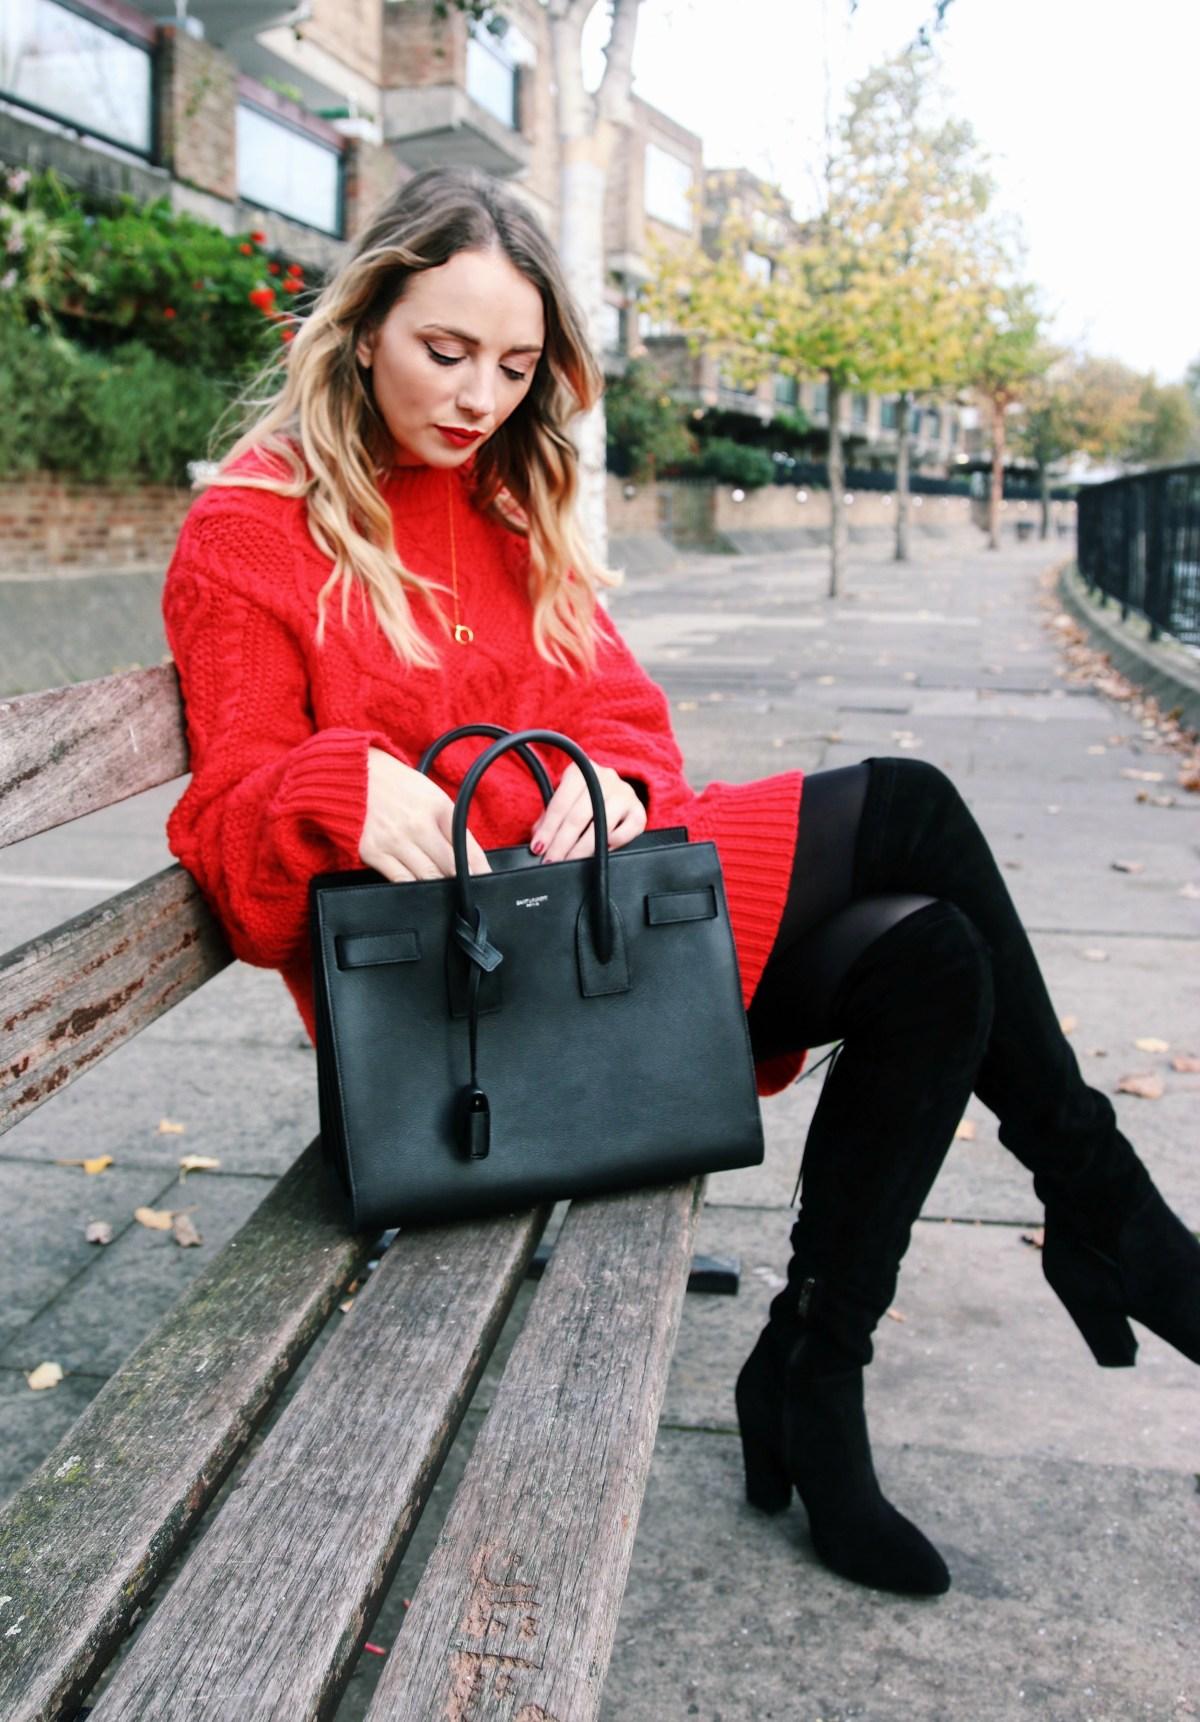 Saint Laurent Sac de Jour - London Lifestyle Blogger